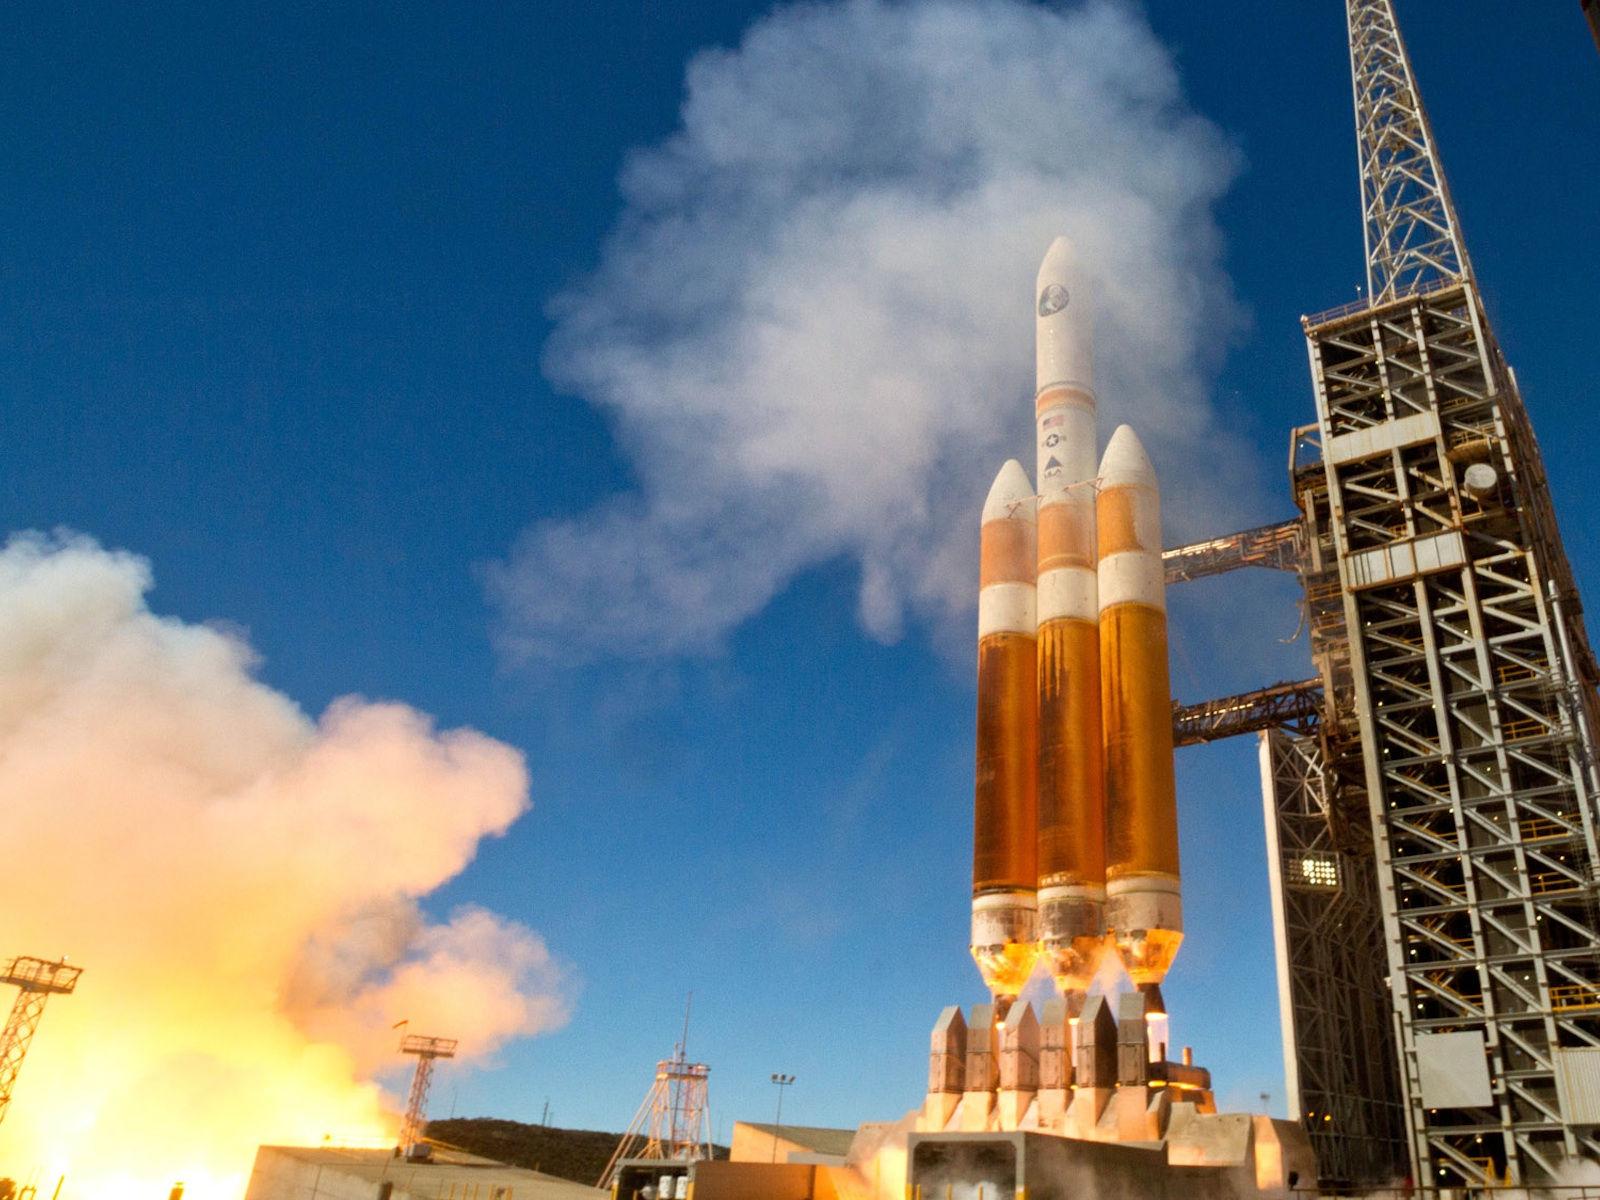 ВСША запустили вкосмос ракету с 2-мя спутниками-разведчиками